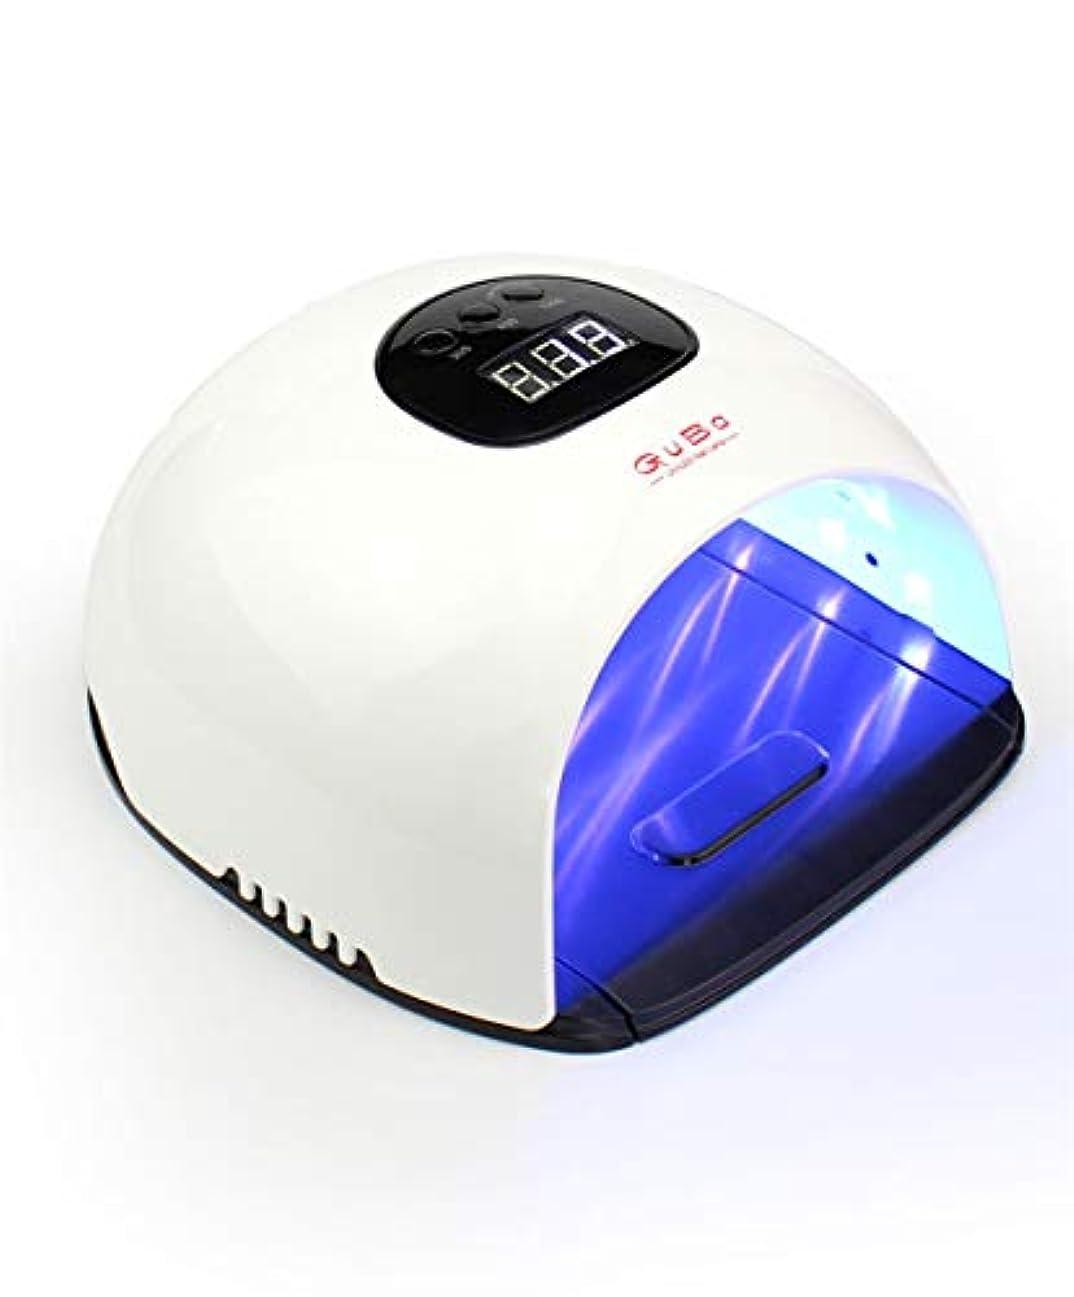 も文明化する比類なきマニキュアLcdディスプレイUv Led 48 wランプ用器具紫外線治療ジェルポーランドランプネイルライトドライヤー機器